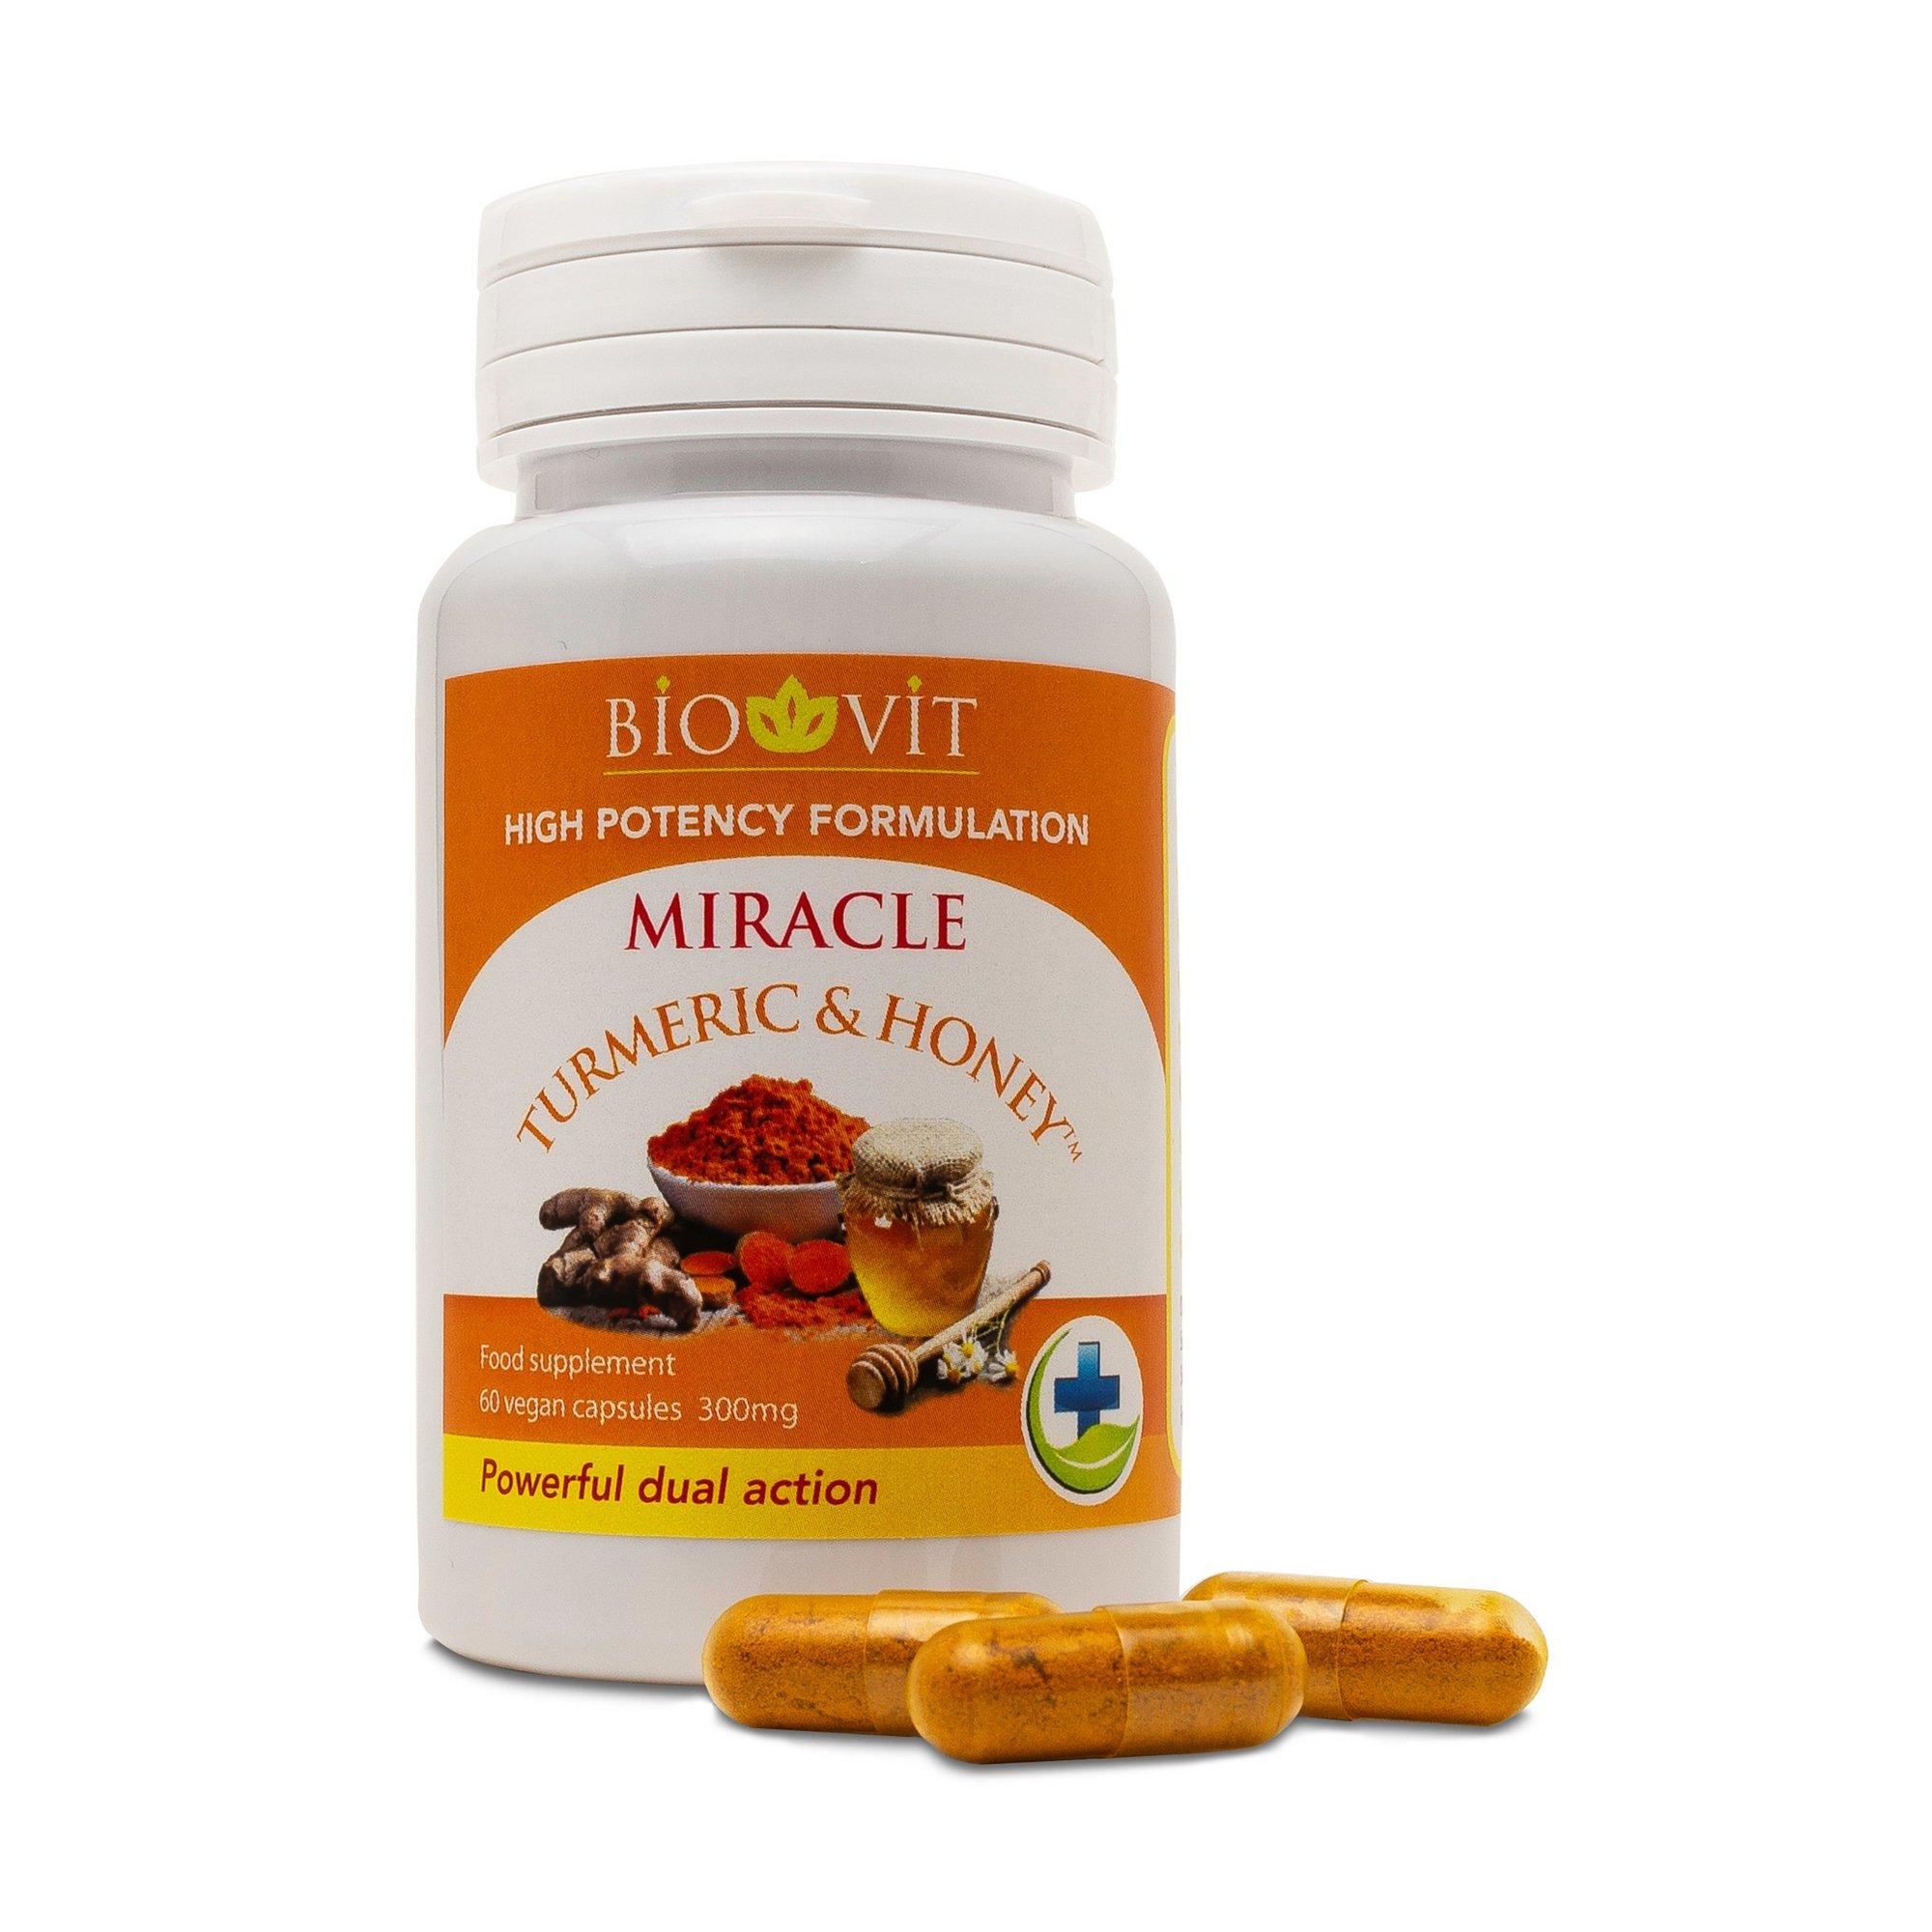 Image of Biovit Turmeric and Honey 60 Capsules